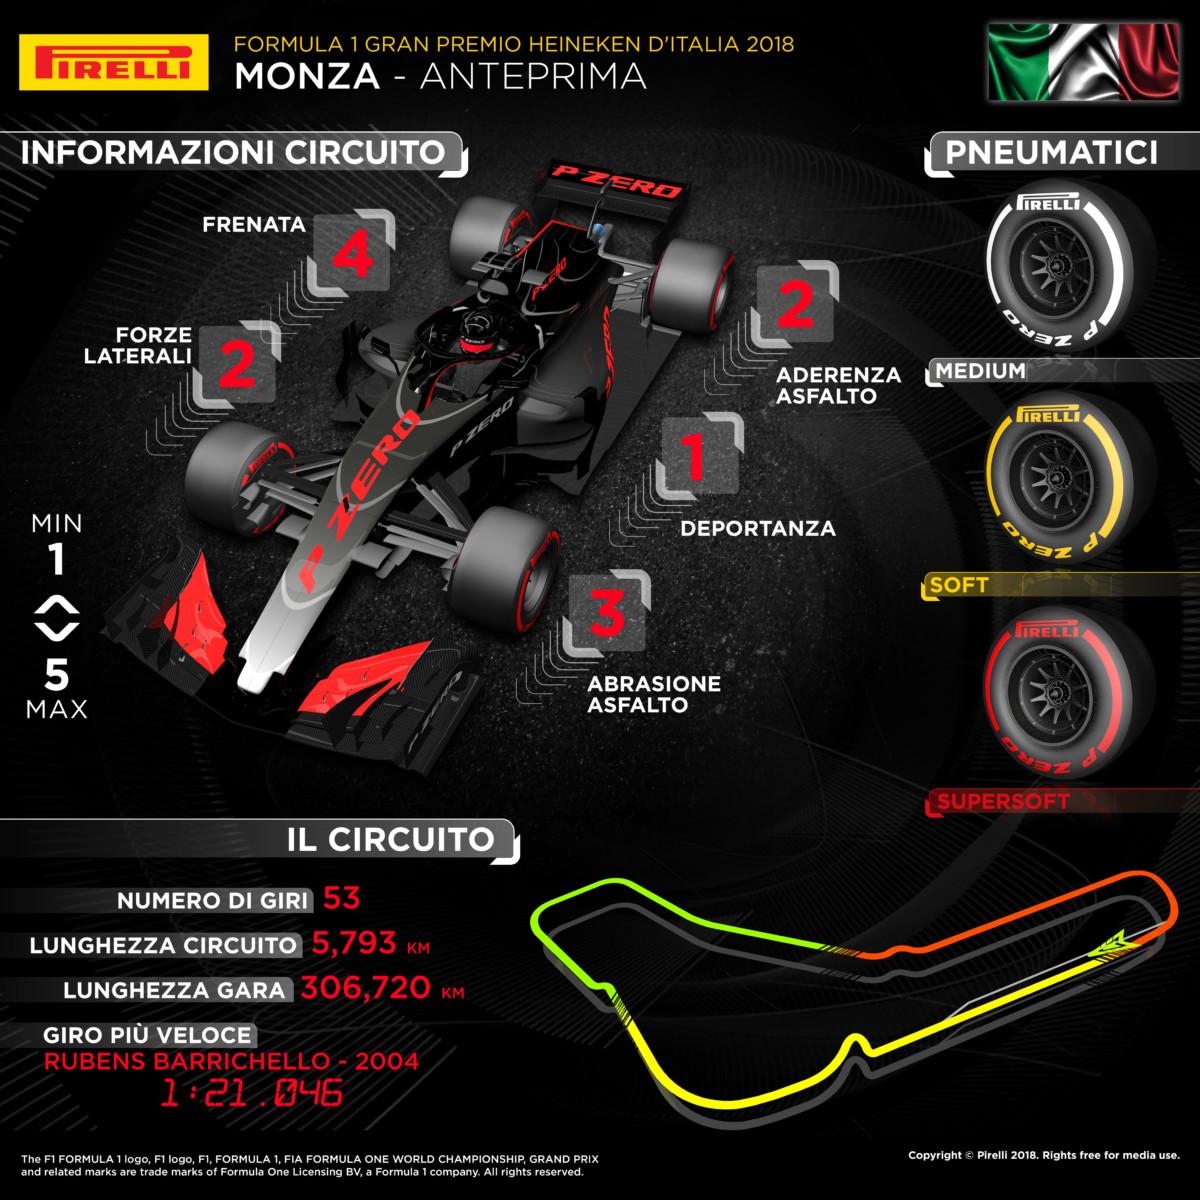 Pirelli pronta per i carichi e le velocità di Monza